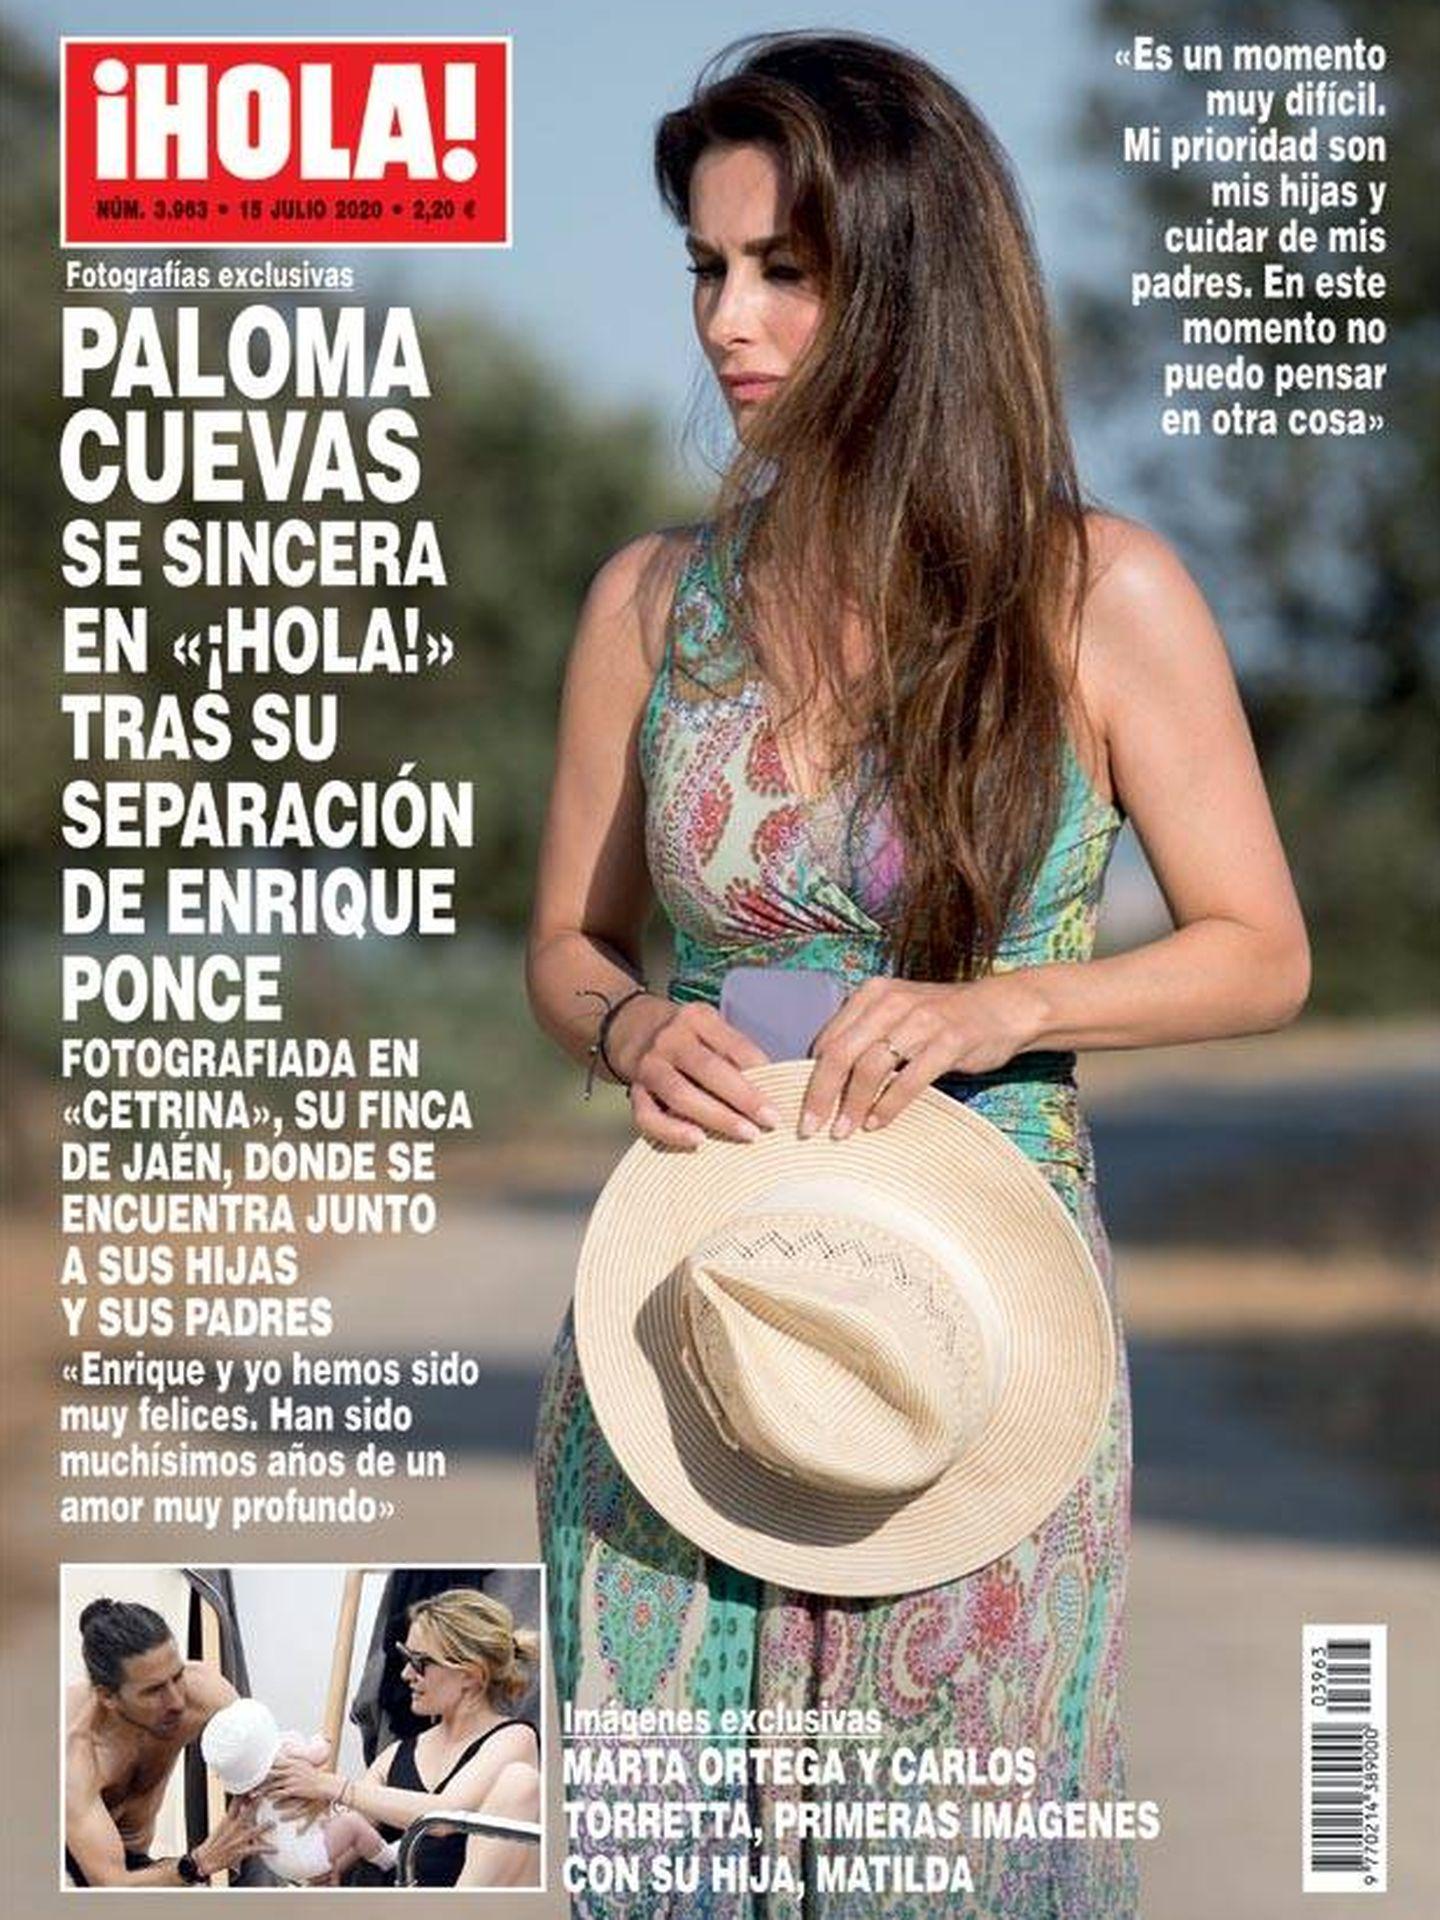 Portada de '¡Hola!' con Paloma Cuevas.